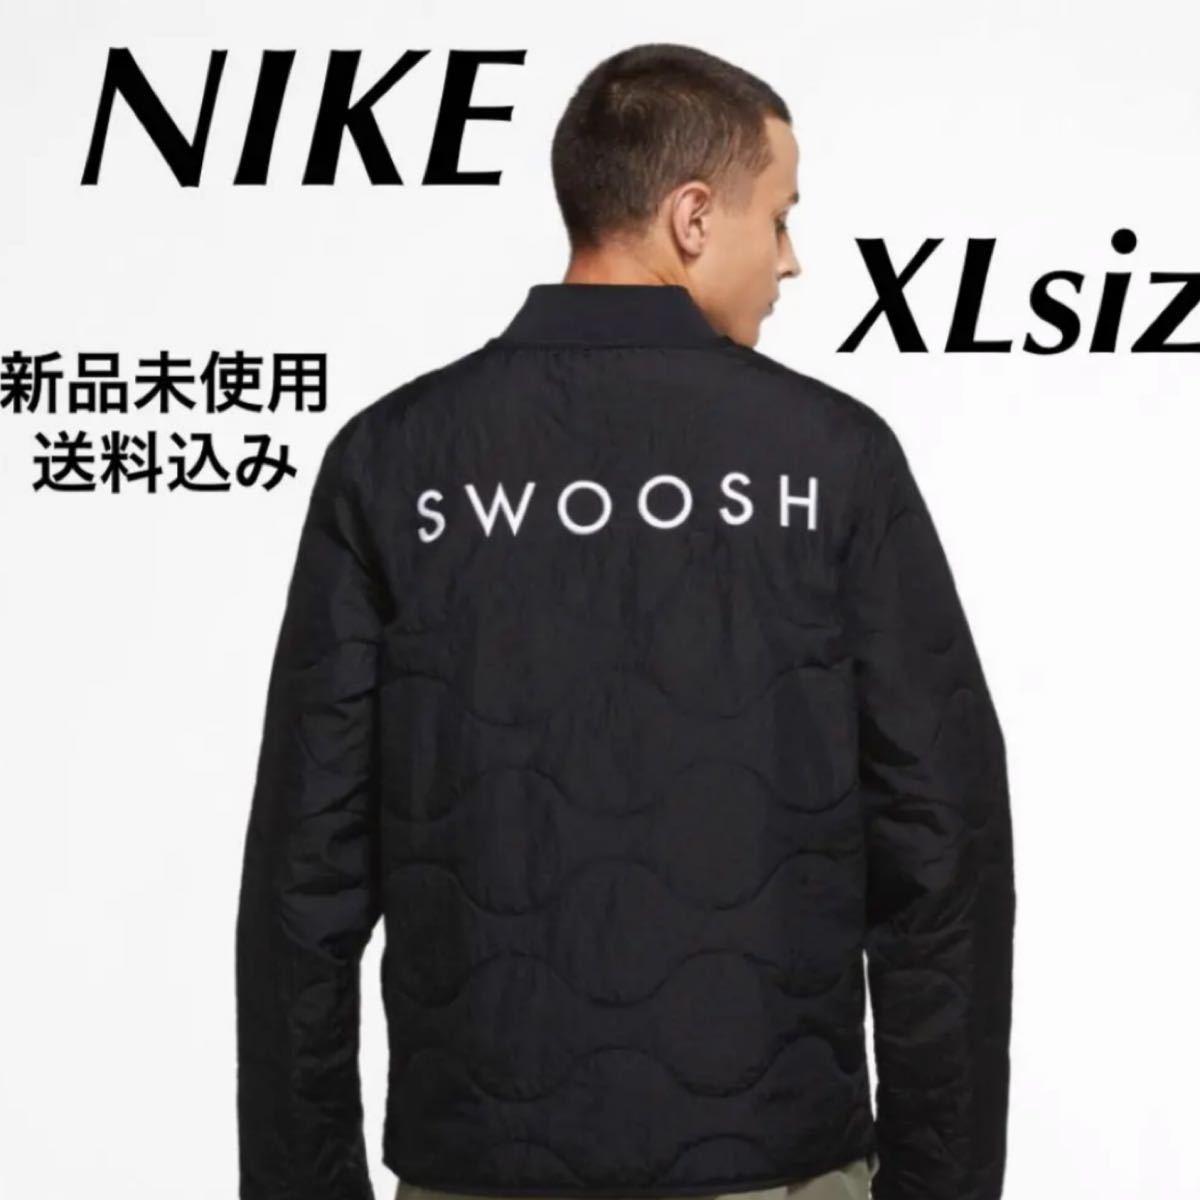 NIKE ナイキ スポーツウェア キルテッド ジャケット XLサイズ 新品未使用